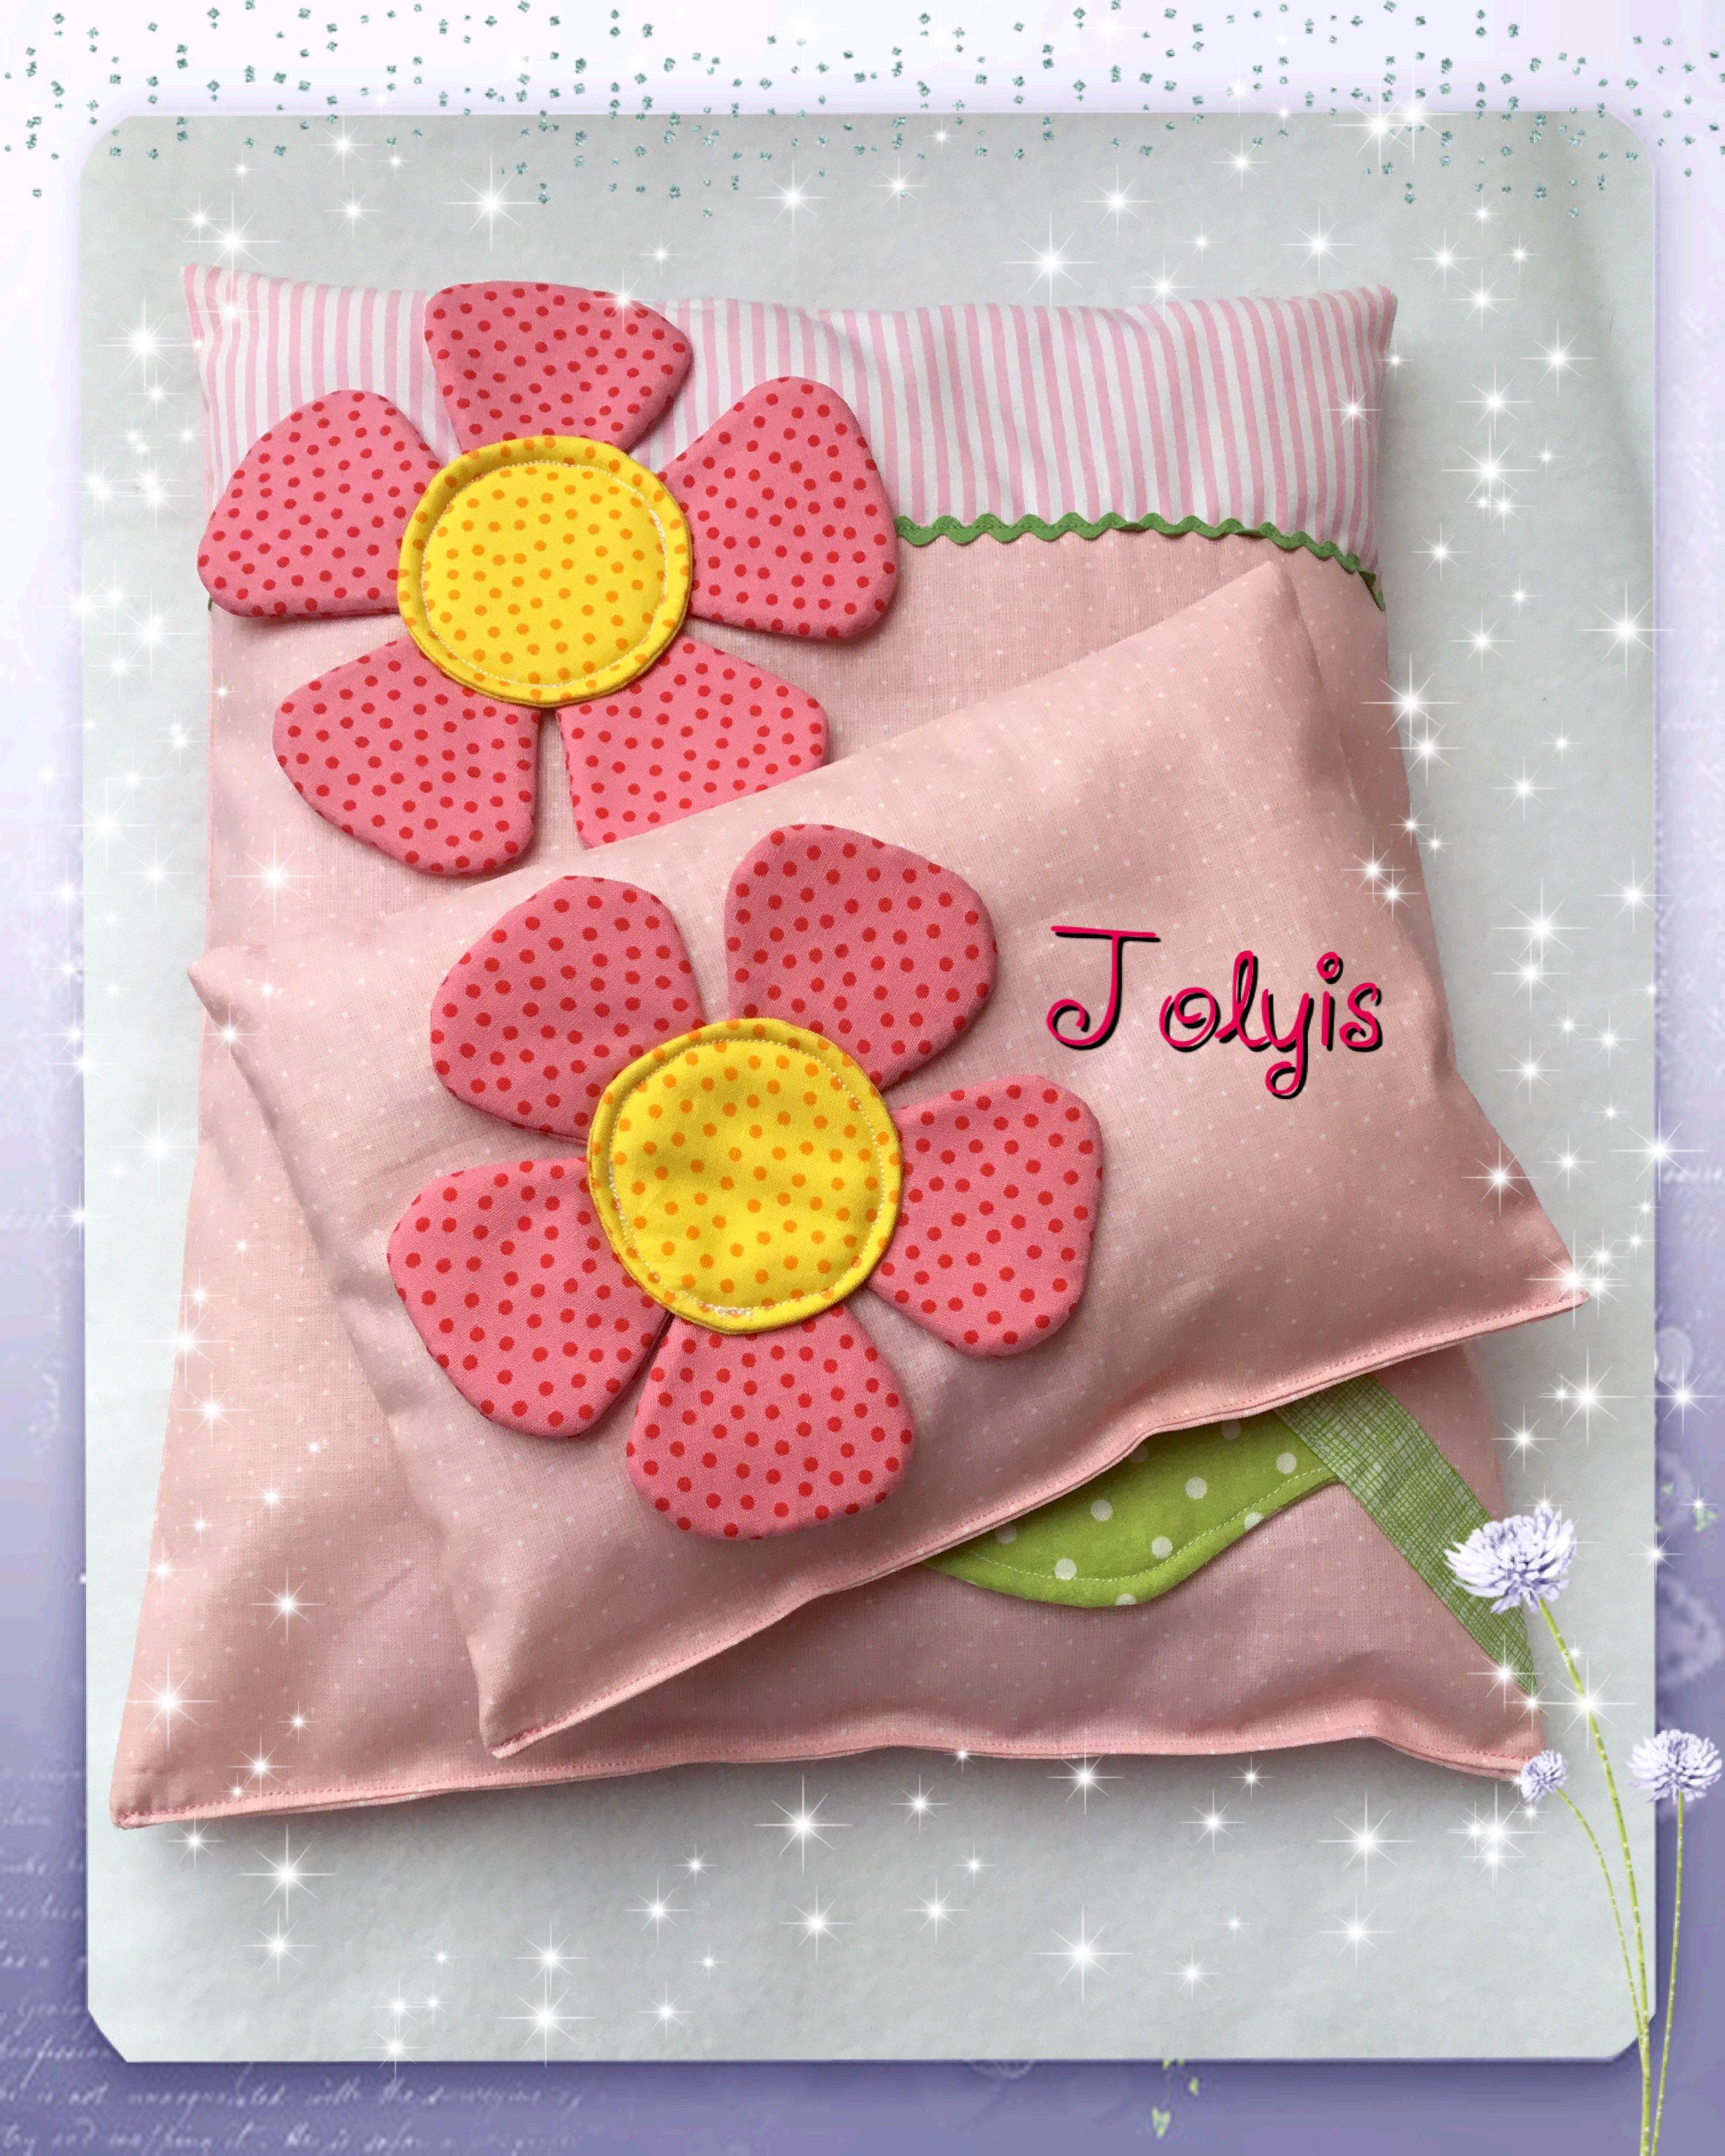 Bettwäsche Nähen Von Jolyis Bei Ebay Kleinanzeigen Puppensachen